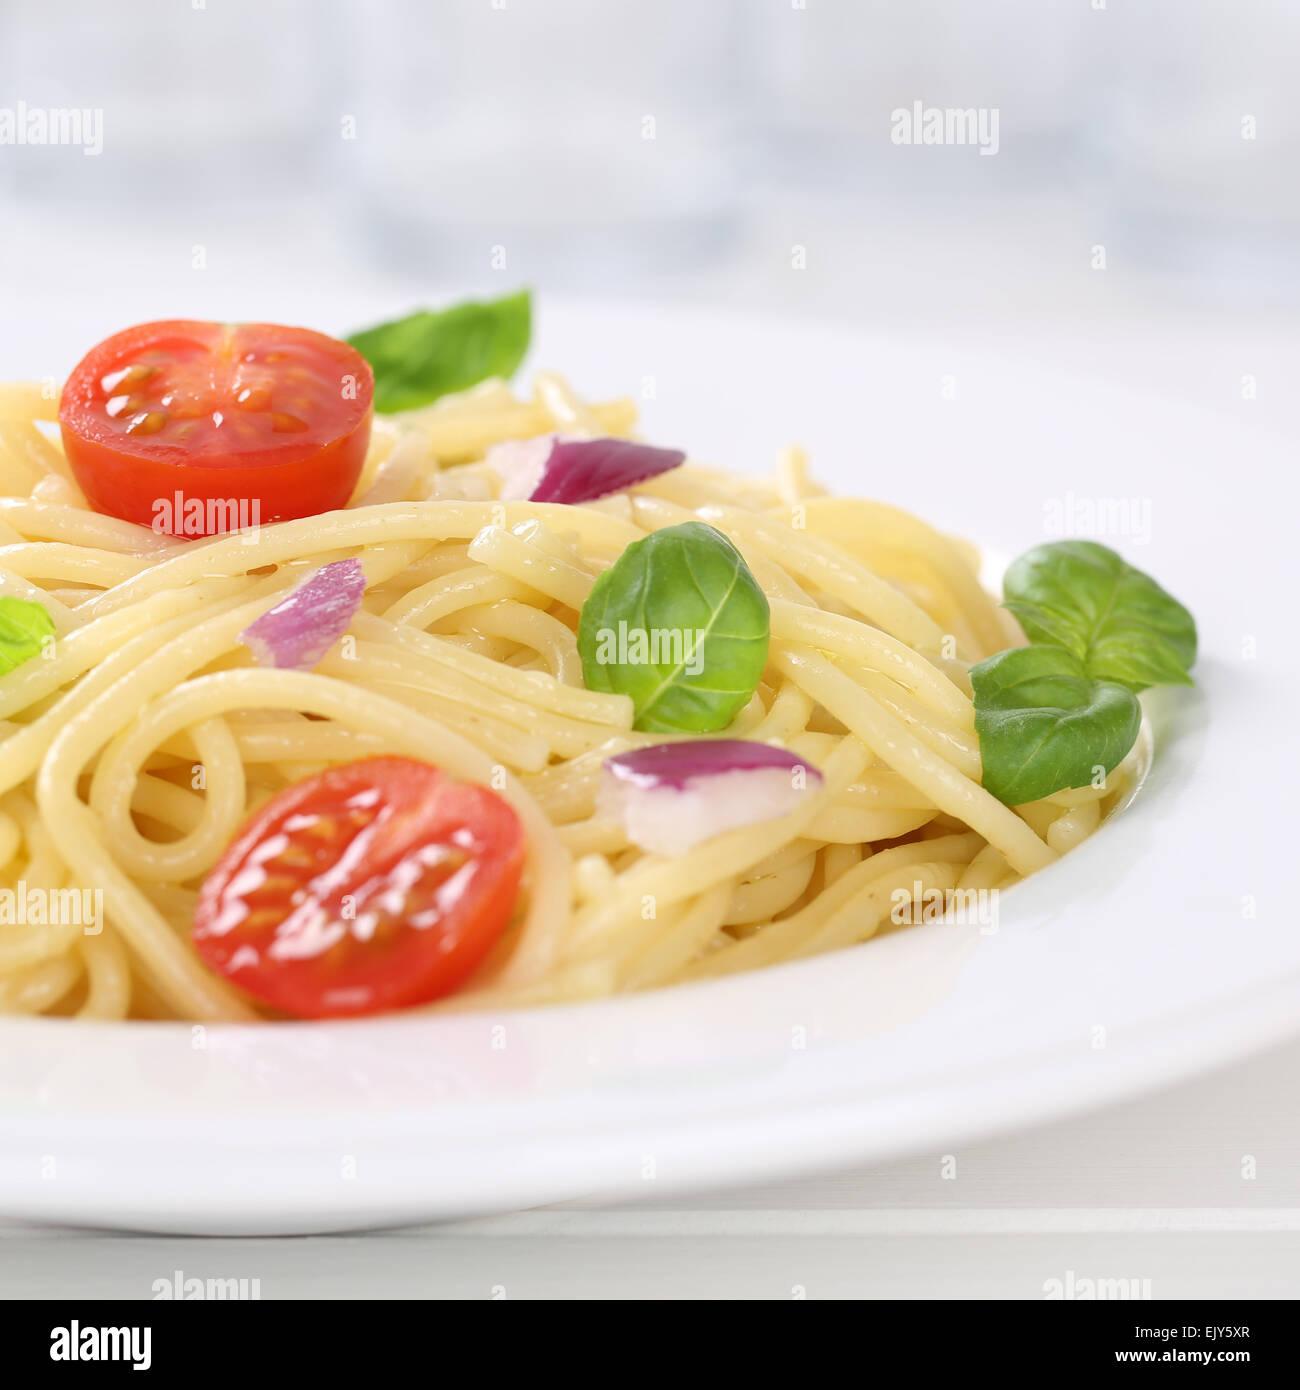 Cucina Italiana spaghetti con pomodori e basilico tagliatelle la pasta su una piastra Immagini Stock